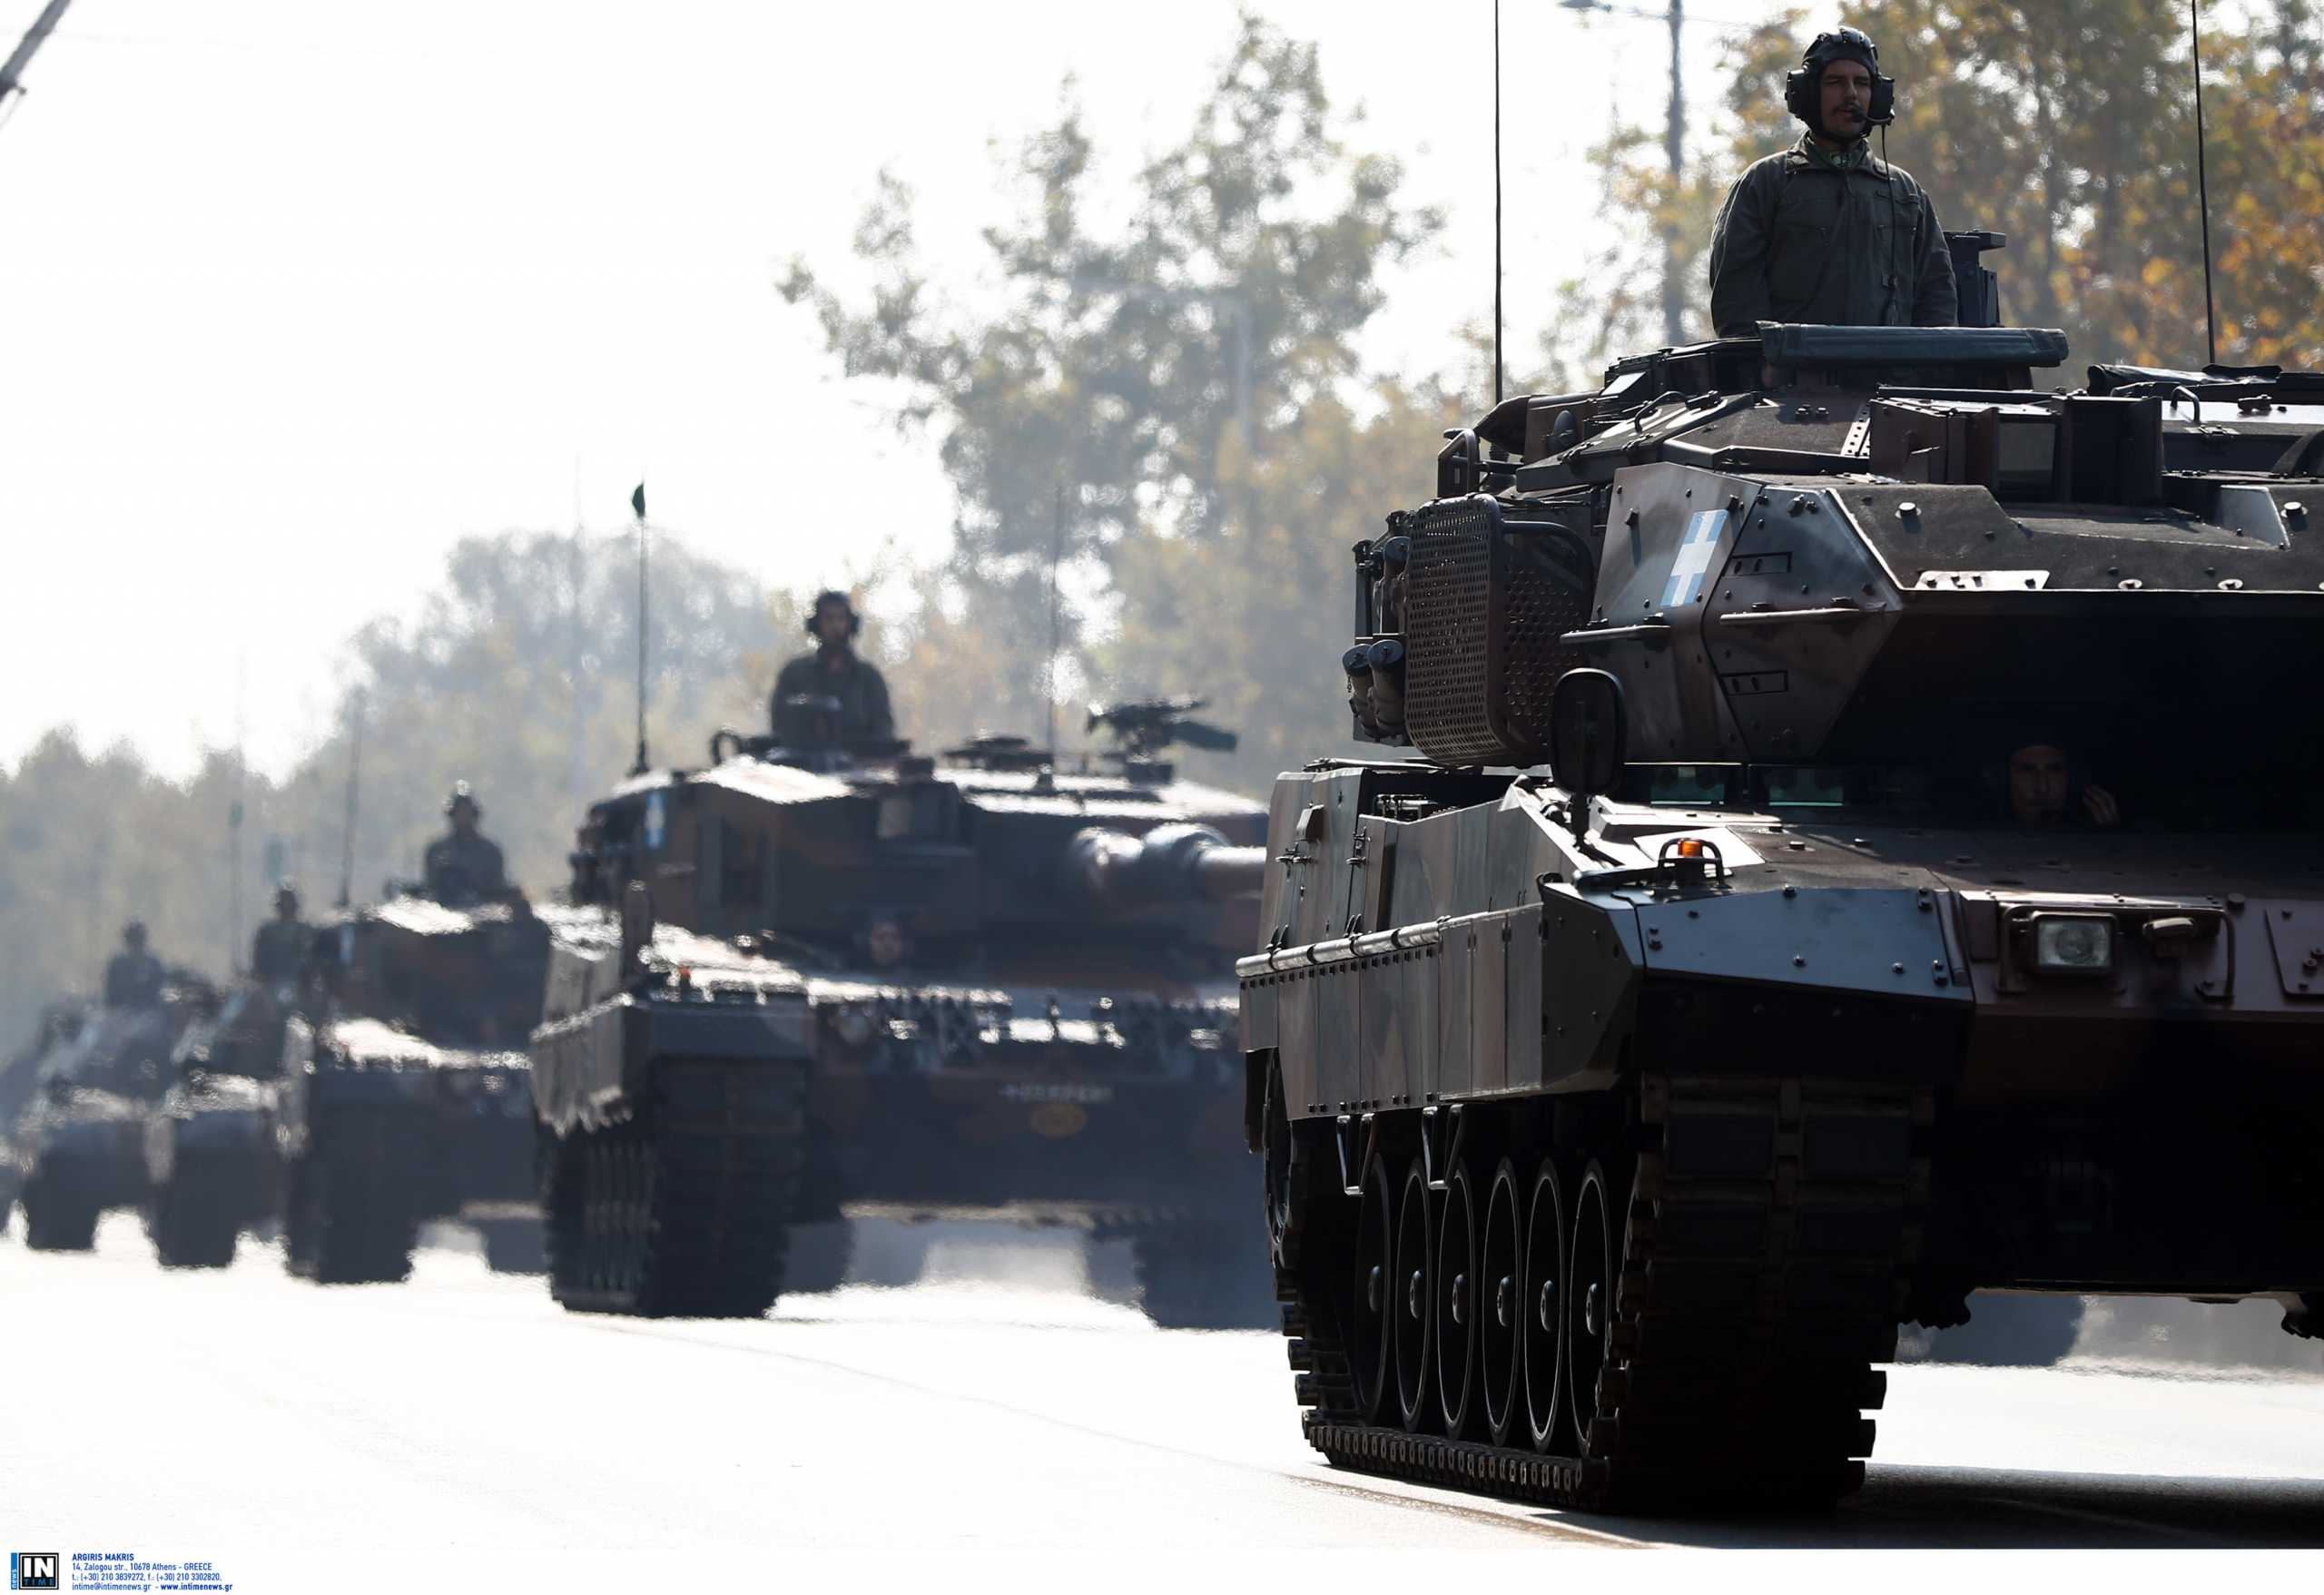 Κορονοϊός – Ματίνα Παγώνη για παρελάσεις: Στην Θεσσαλονίκη να κάνει μόνο ο στρατός